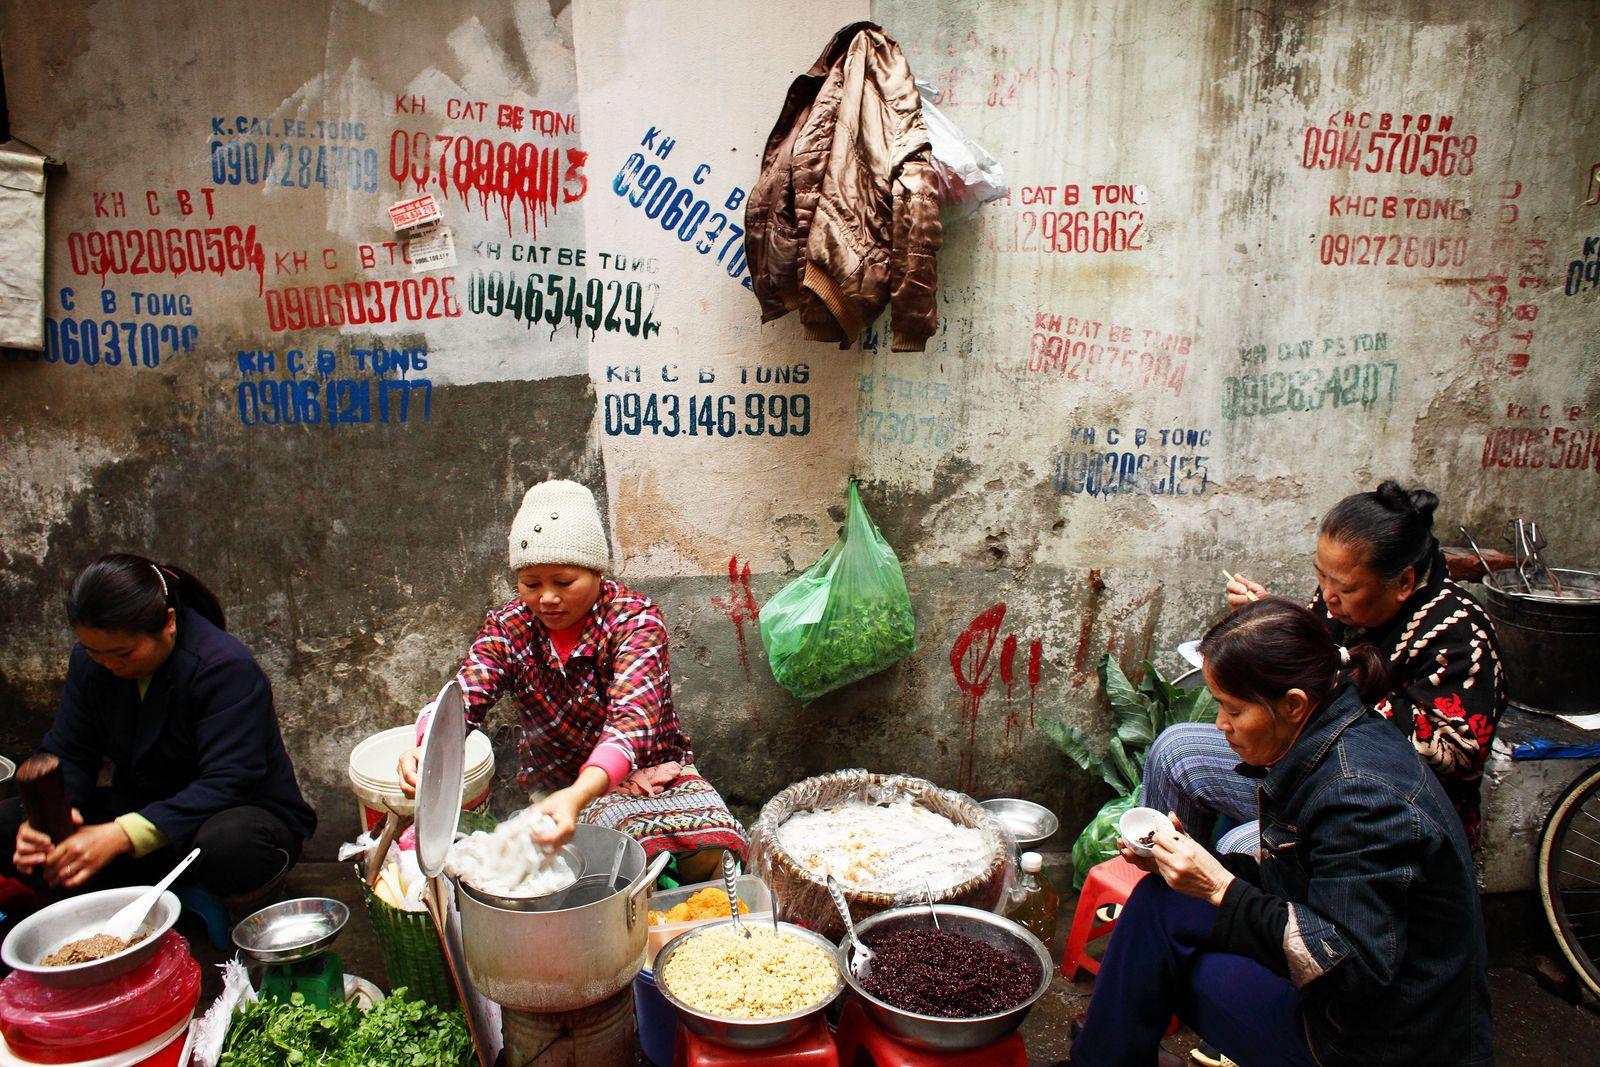 Scenes Of Vietnam